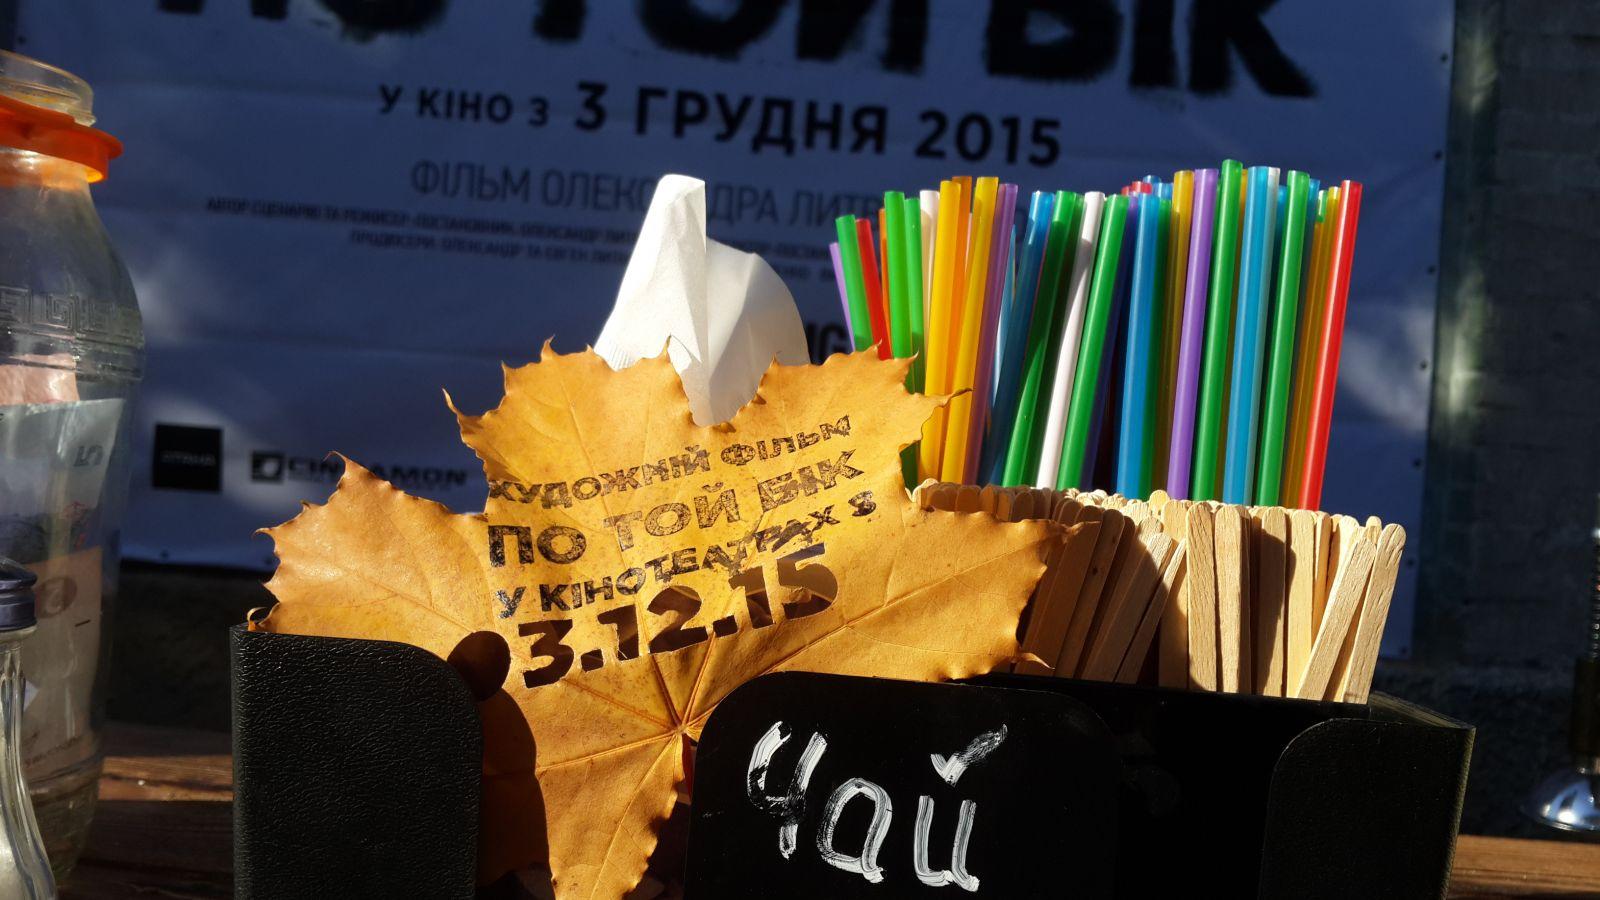 Первый украинский триллер «По той бік»: премьера в декабре и необычная рекламная кампания - фото №3